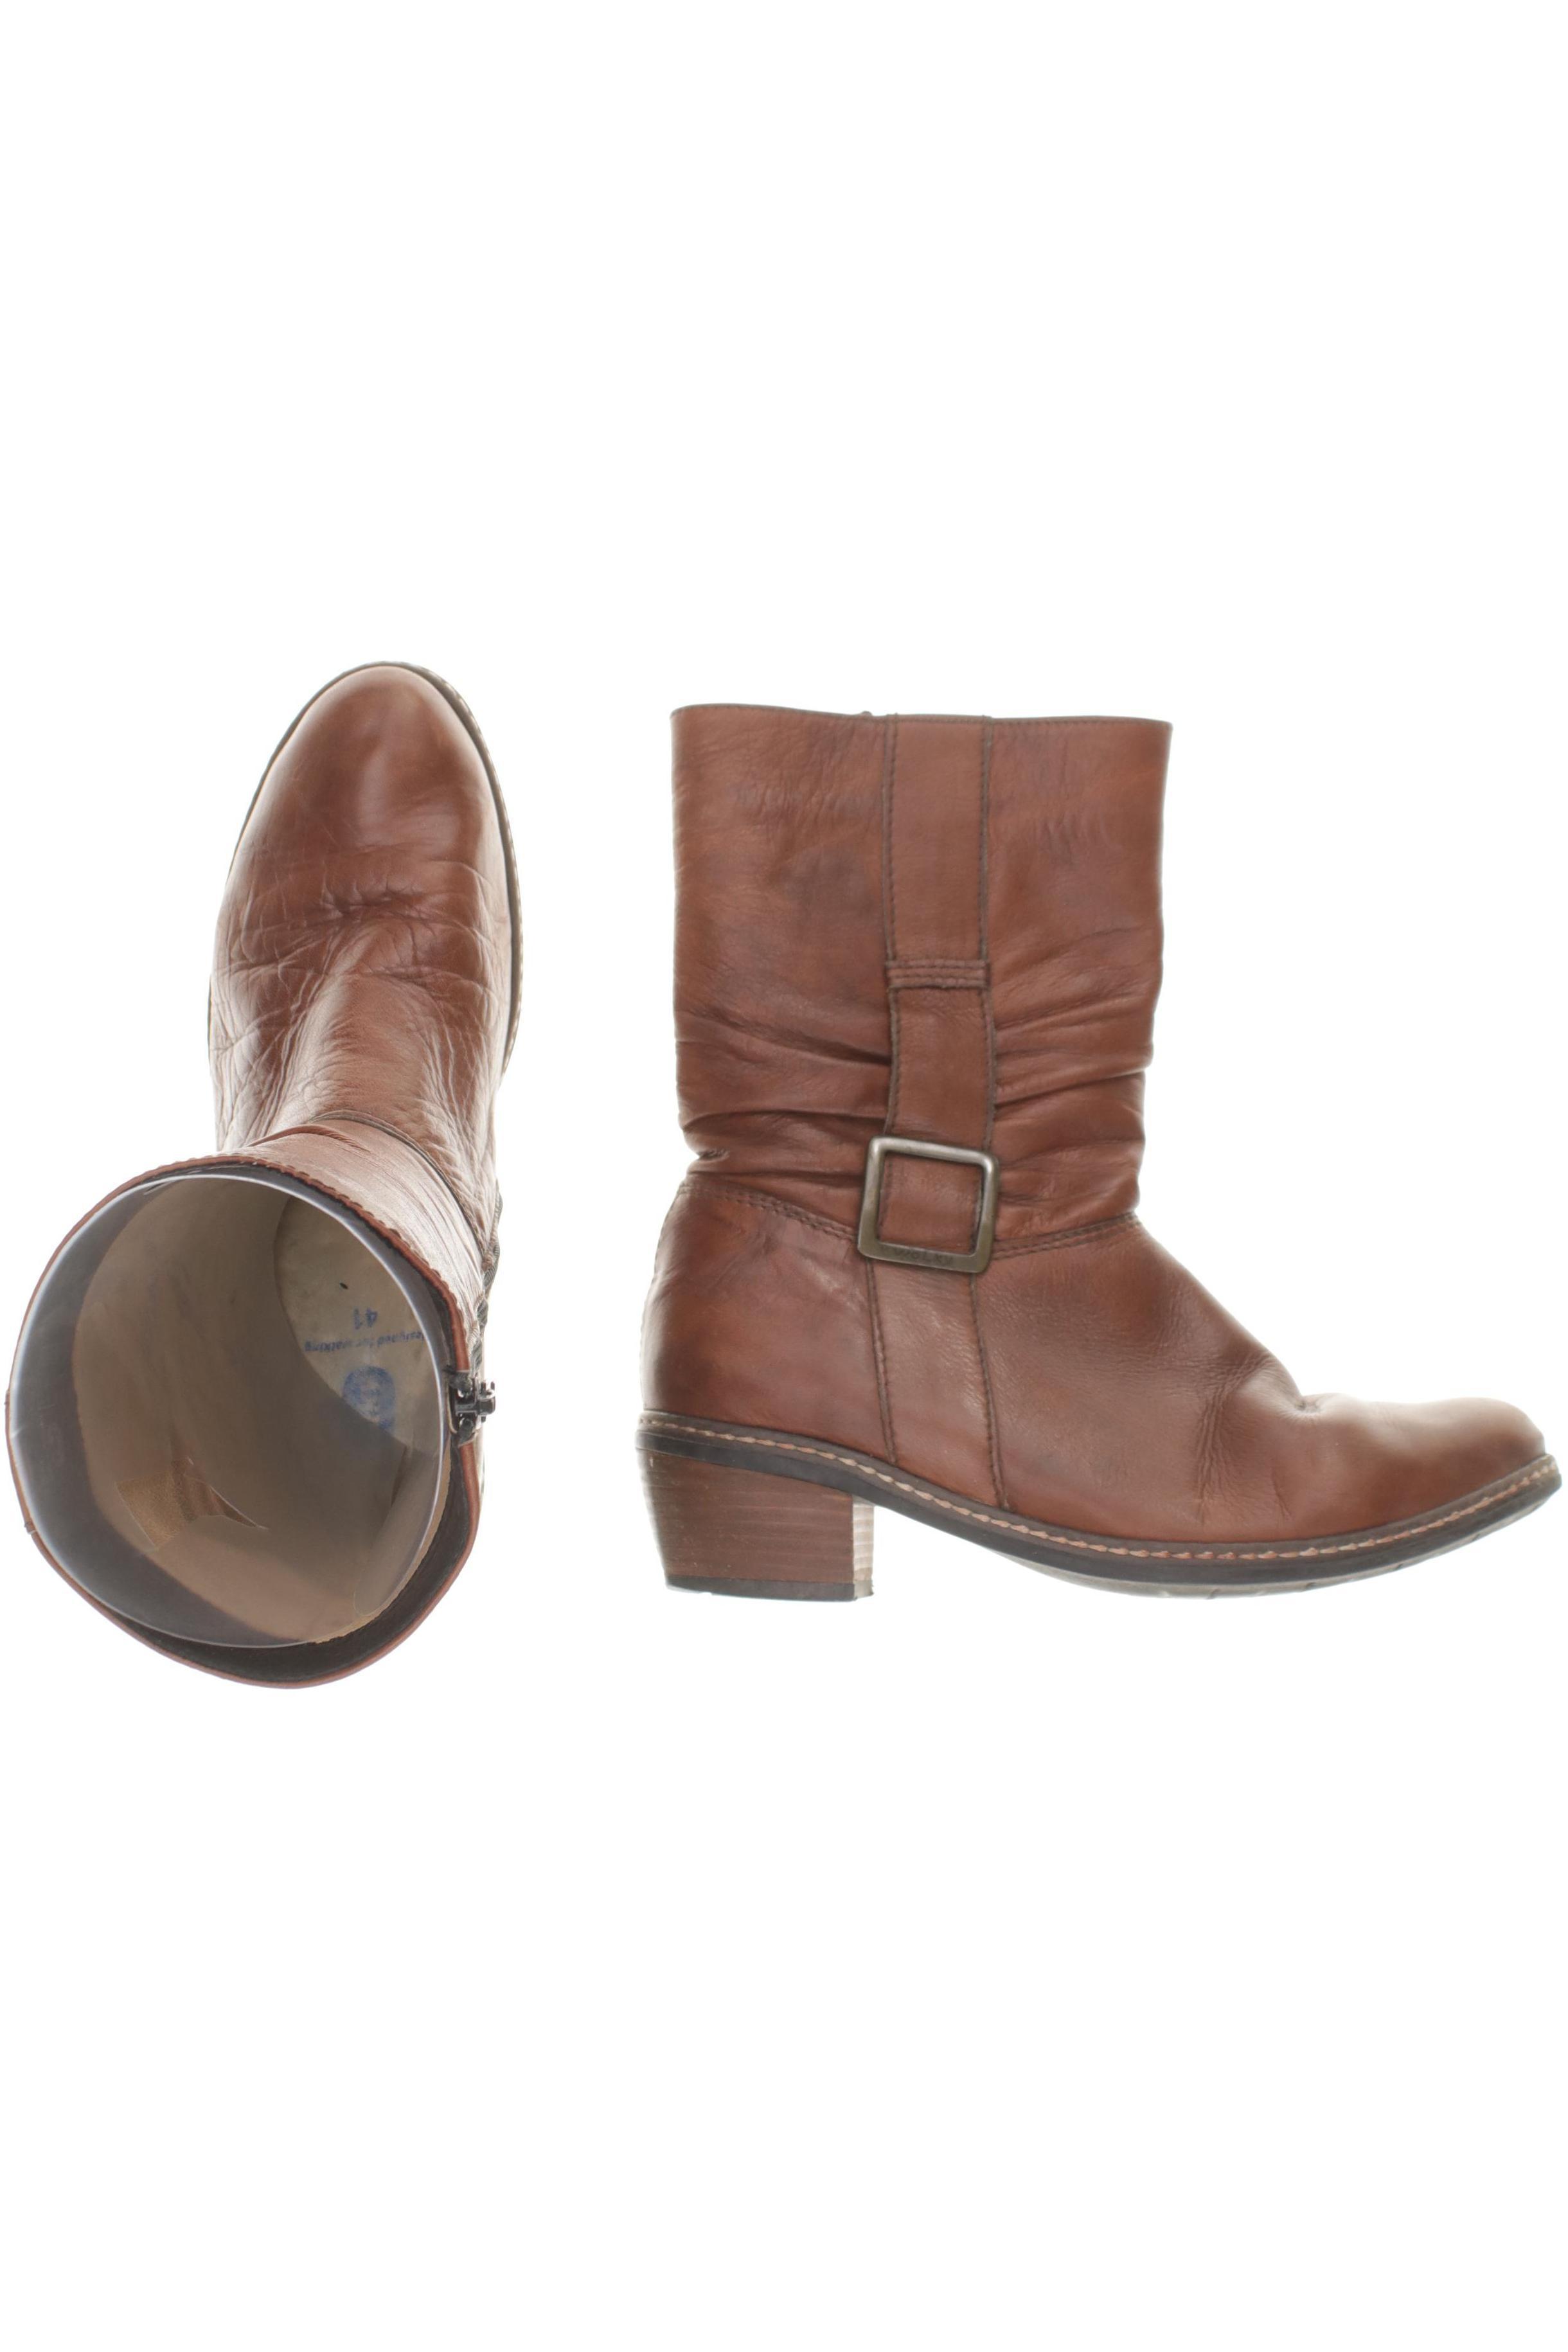 Wolky Damen Stiefel DE 41 Second Hand kaufen